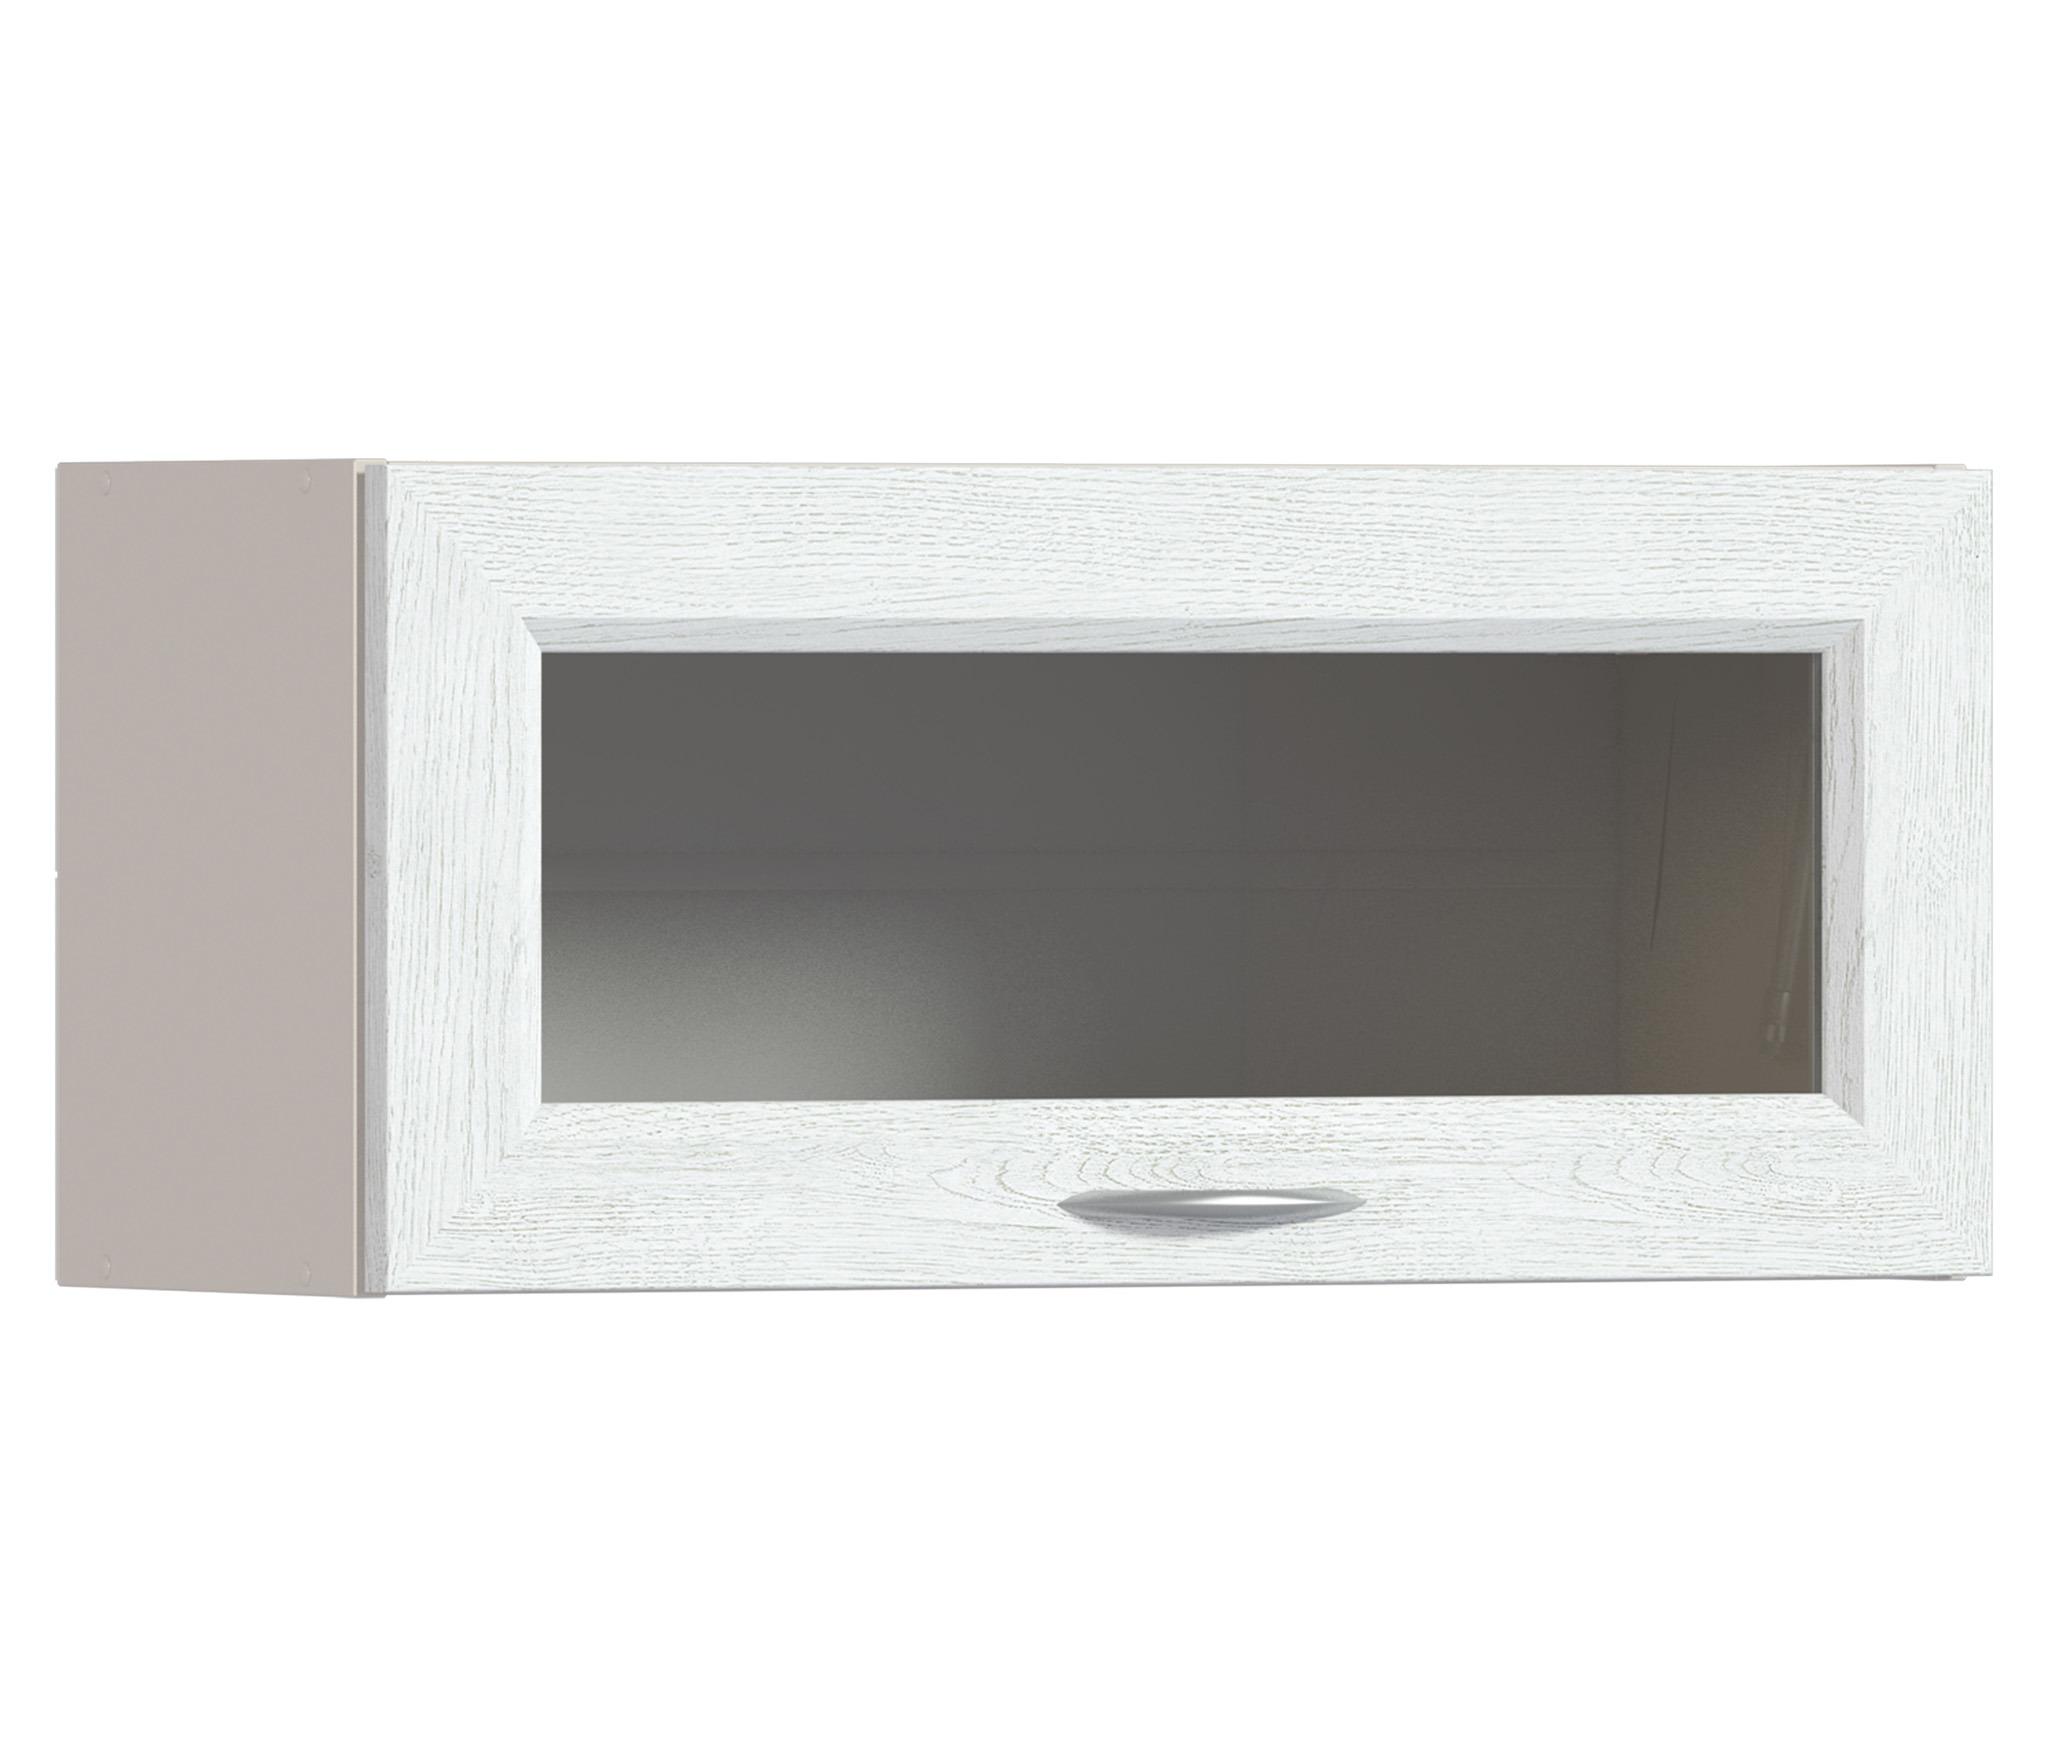 Регина РП-280 Полка над вытяжкой с витринойМебель для кухни<br><br><br>Длина мм: 800<br>Высота мм: 360<br>Глубина мм: 289